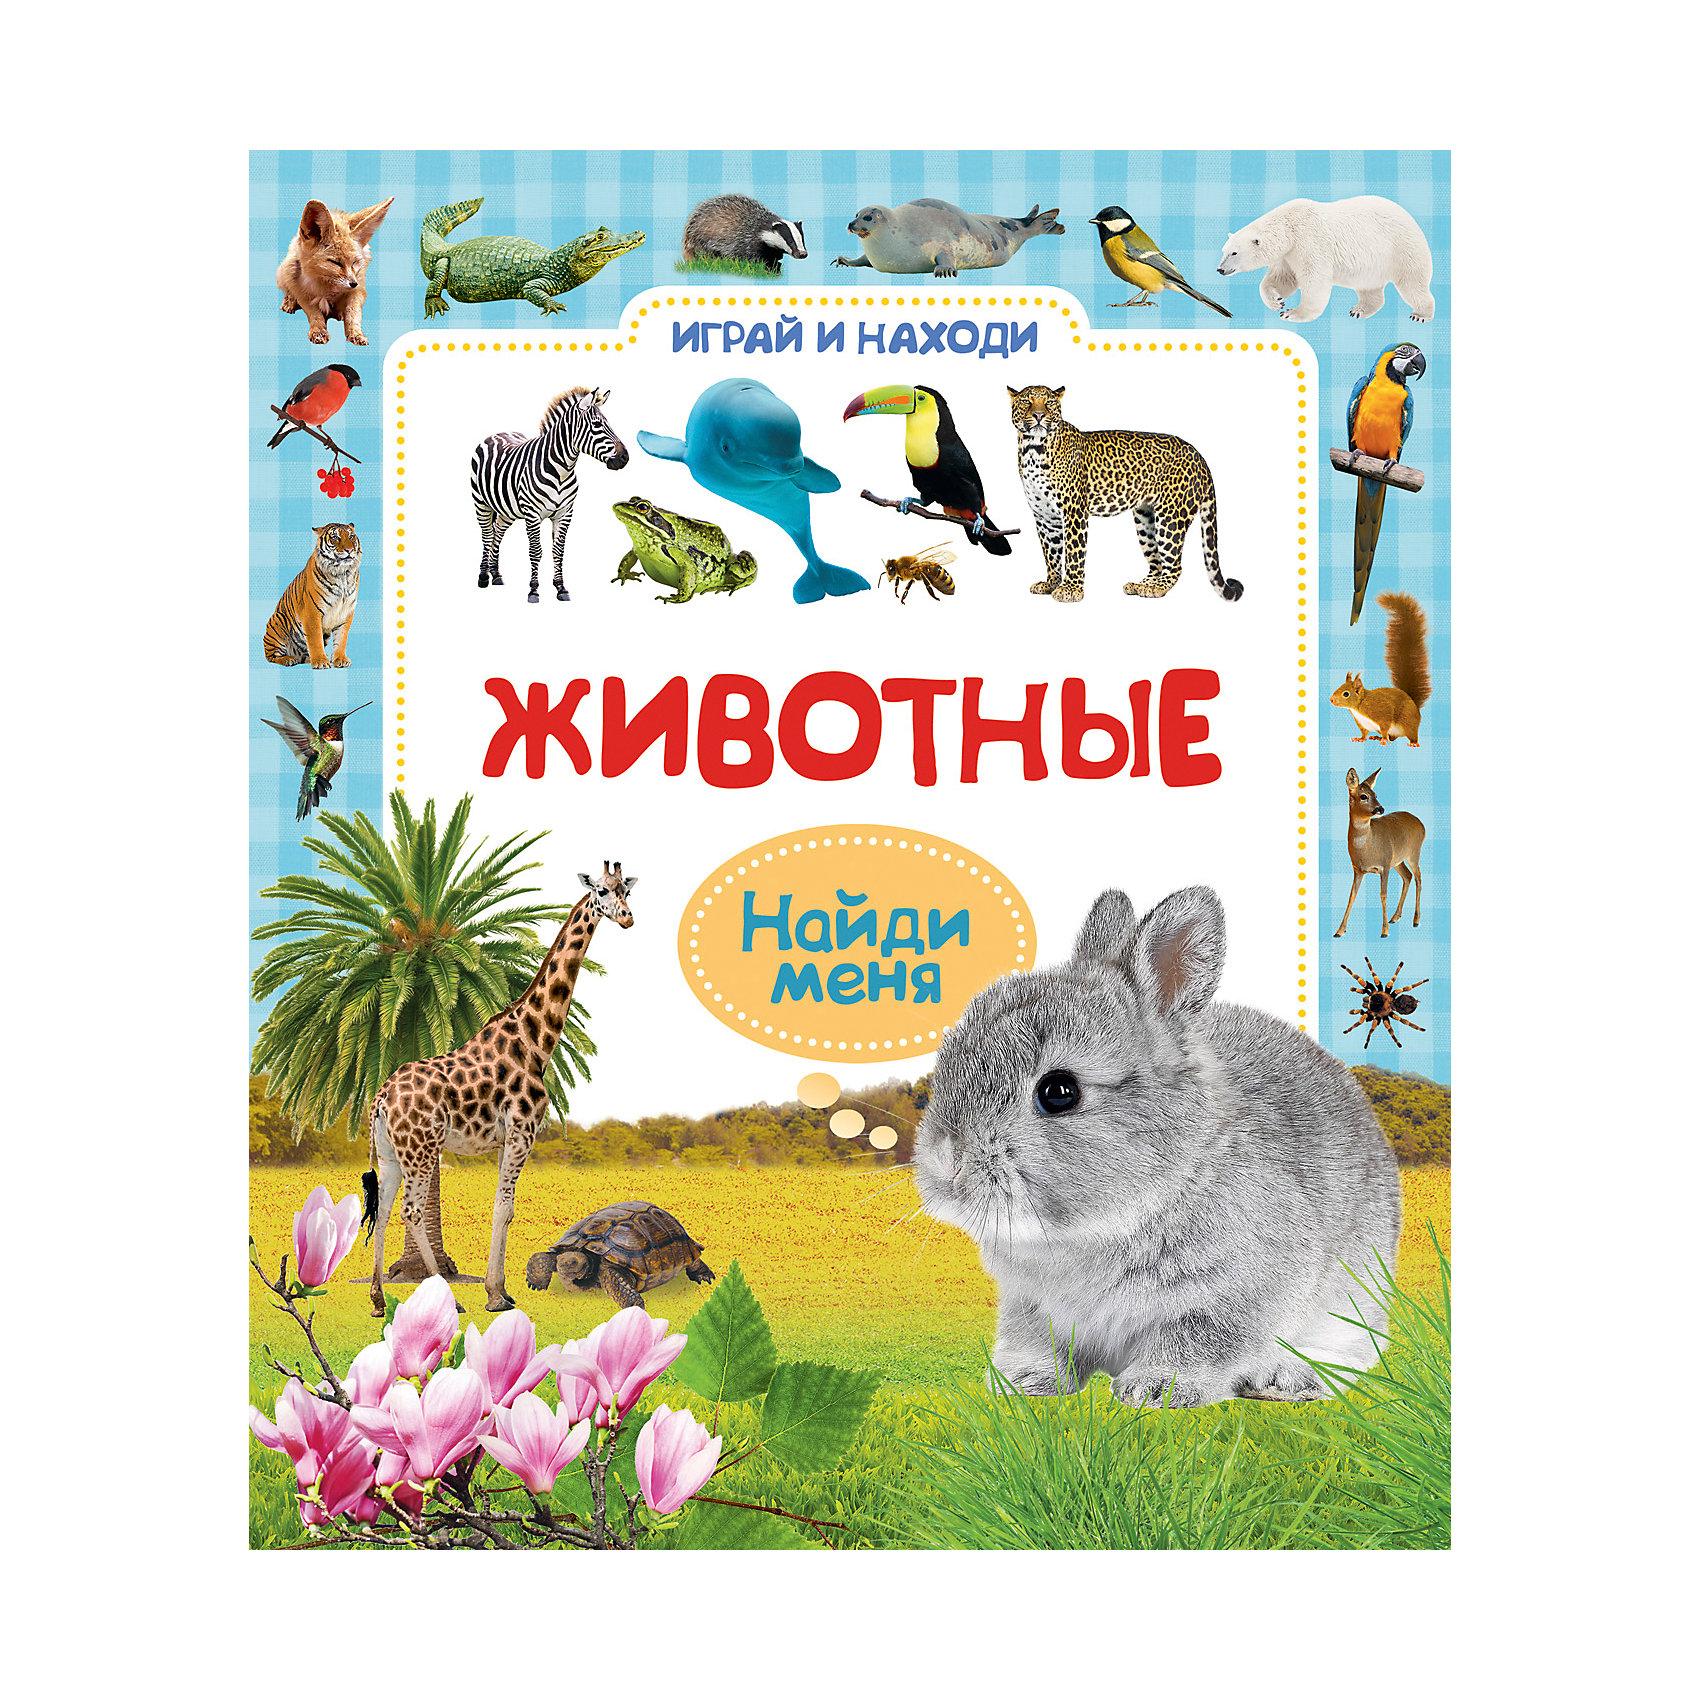 Играй и находи ЖивотныеХарактеристики товара:<br><br>- цвет: разноцветный;<br>- материал: бумага;<br>- страниц: 6;<br>- формат: 25 х 22 см;<br>- обложка: твердая;<br>- иллюстрации.<br><br>Учиться важным навыкам можно в веселой форме! Эта интересная книга с иллюстрациями станет отличным подарком для ребенка. Она поможет малышу узнать новое и равить важные навыки, находя нужные объекты. Талантливый иллюстратор дополнил книгу качественными рисунками, которые помогают ребенку познавать мир.<br>Такие игры помогает ребенку развивать зрительную память, концентрацию внимания и воображение. Издание произведено из качественных материалов, которые безопасны даже для самых маленьких.<br><br>Книгу Играй и находи Животные от компании Росмэн можно купить в нашем интернет-магазине.<br><br>Ширина мм: 250<br>Глубина мм: 225<br>Высота мм: 7<br>Вес г: 275<br>Возраст от месяцев: 0<br>Возраст до месяцев: 36<br>Пол: Унисекс<br>Возраст: Детский<br>SKU: 5110306